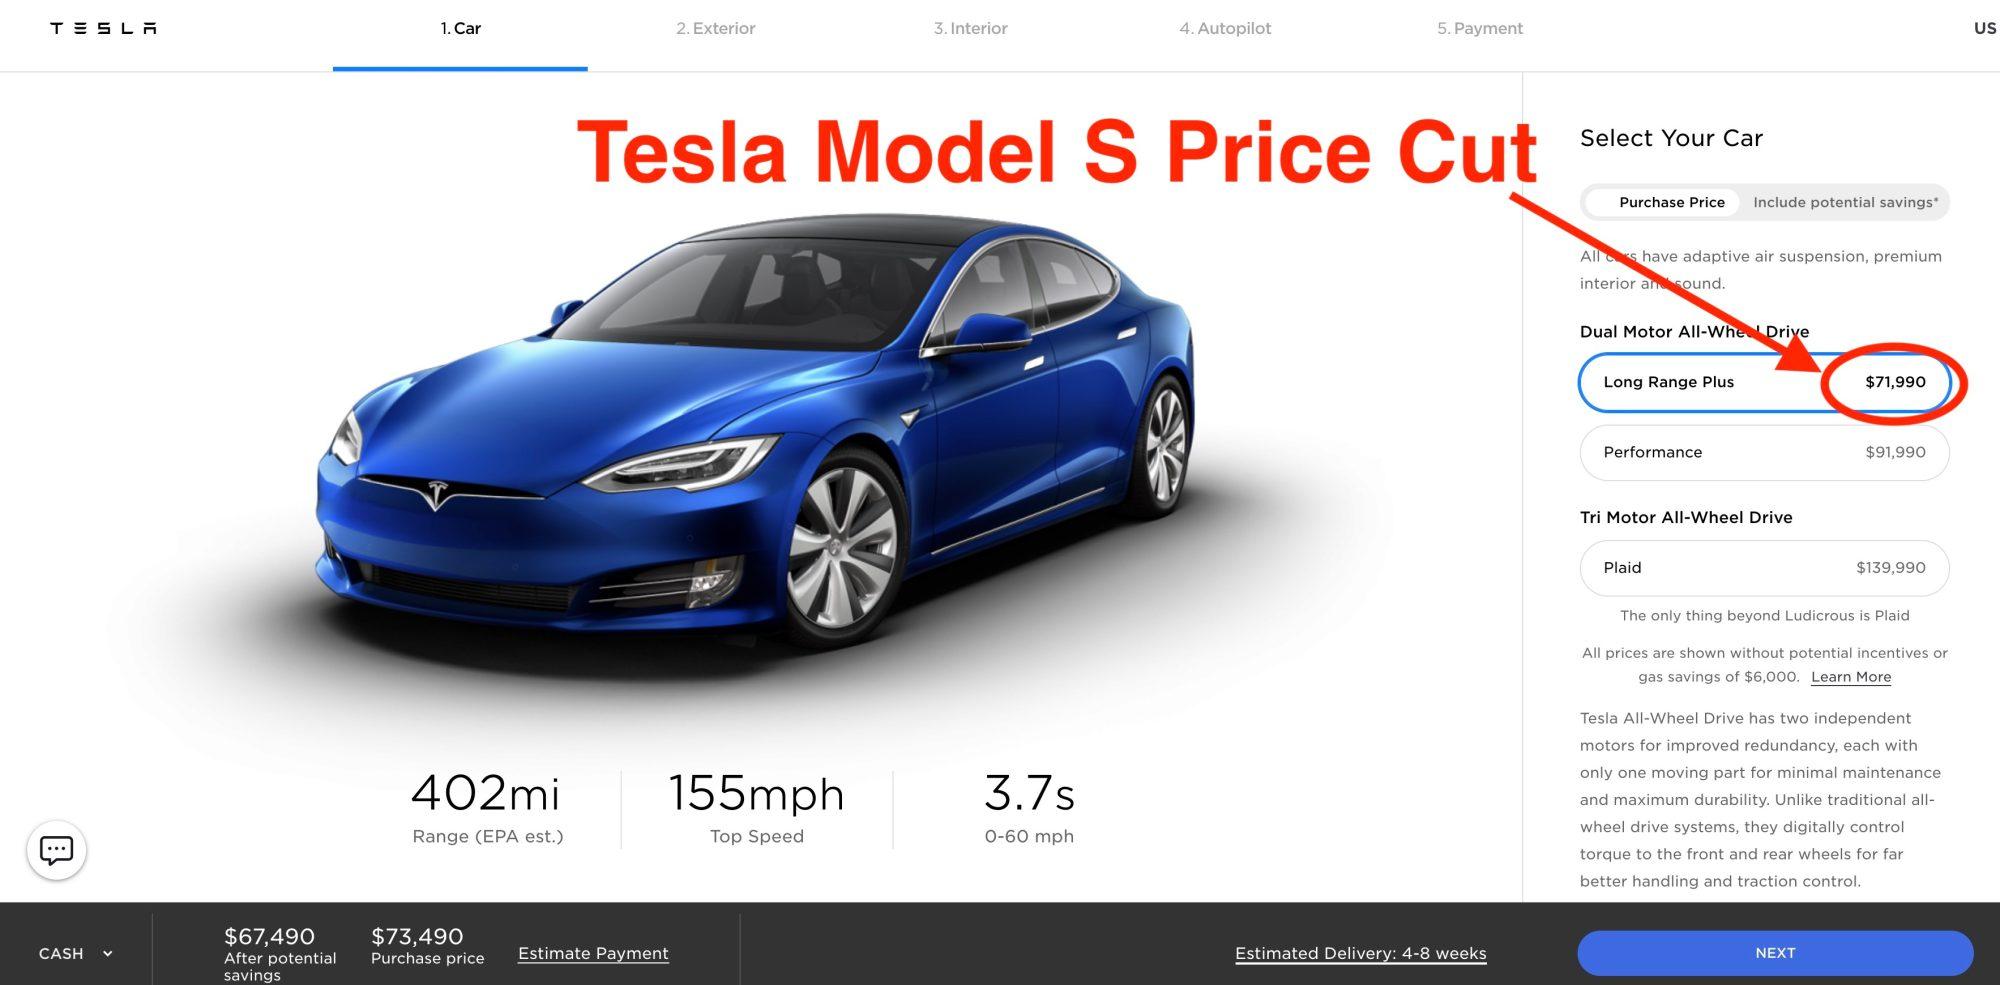 Tesla model S price cut - قیمت Tesla S برای دومین بار در این هفته کاهش یافت